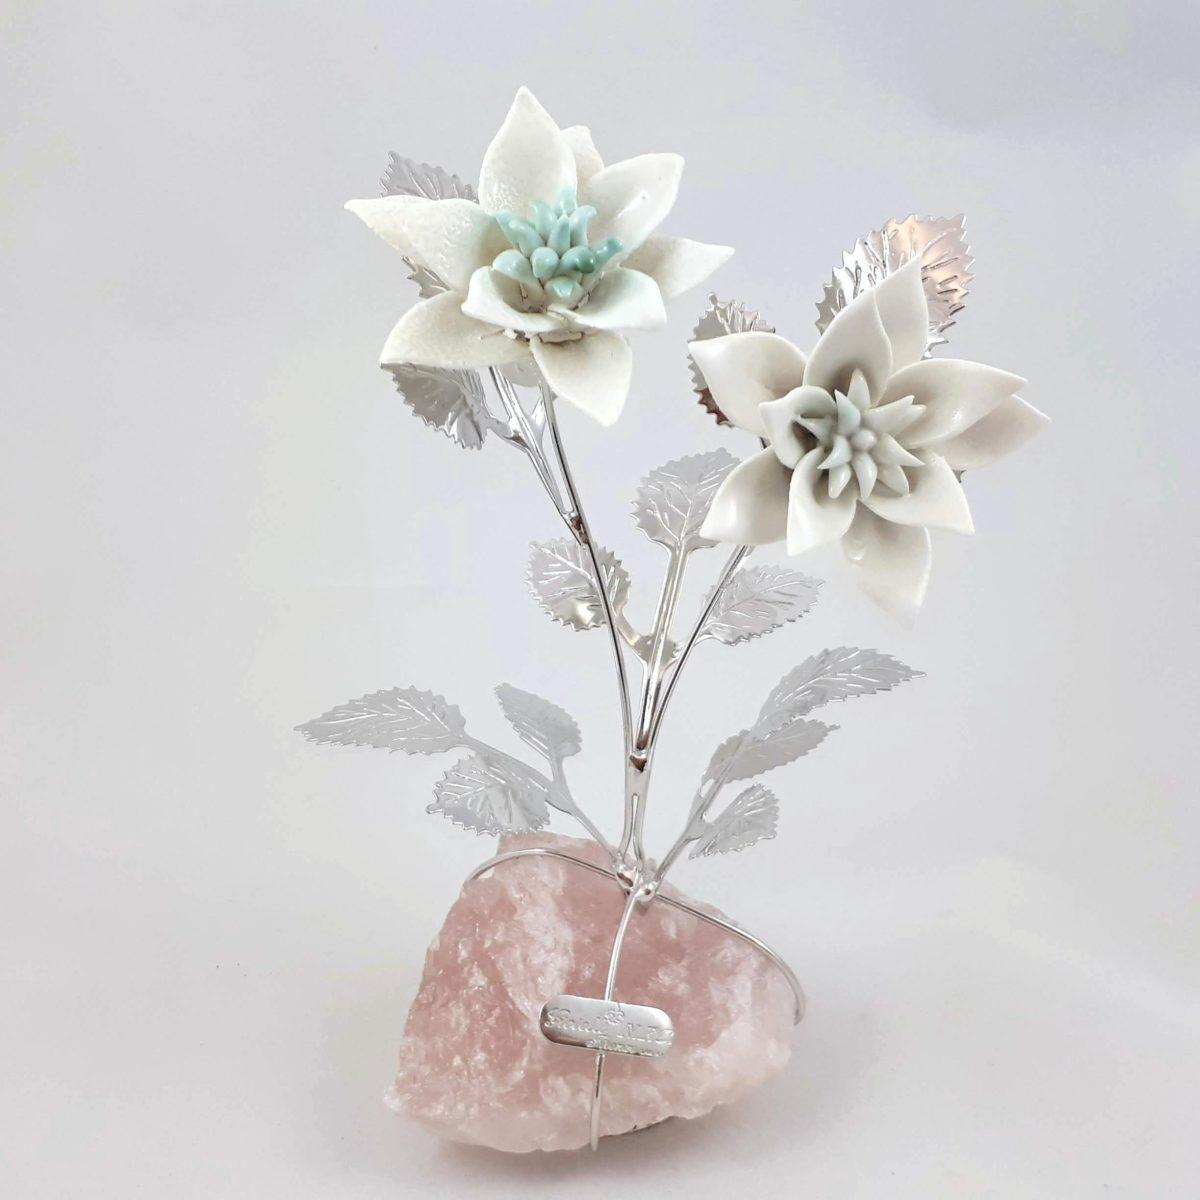 Stella Di Natale Bianca.Doppia Stella Di Natale In Argento E Porcellana Bianca Su Quarzo Rosa